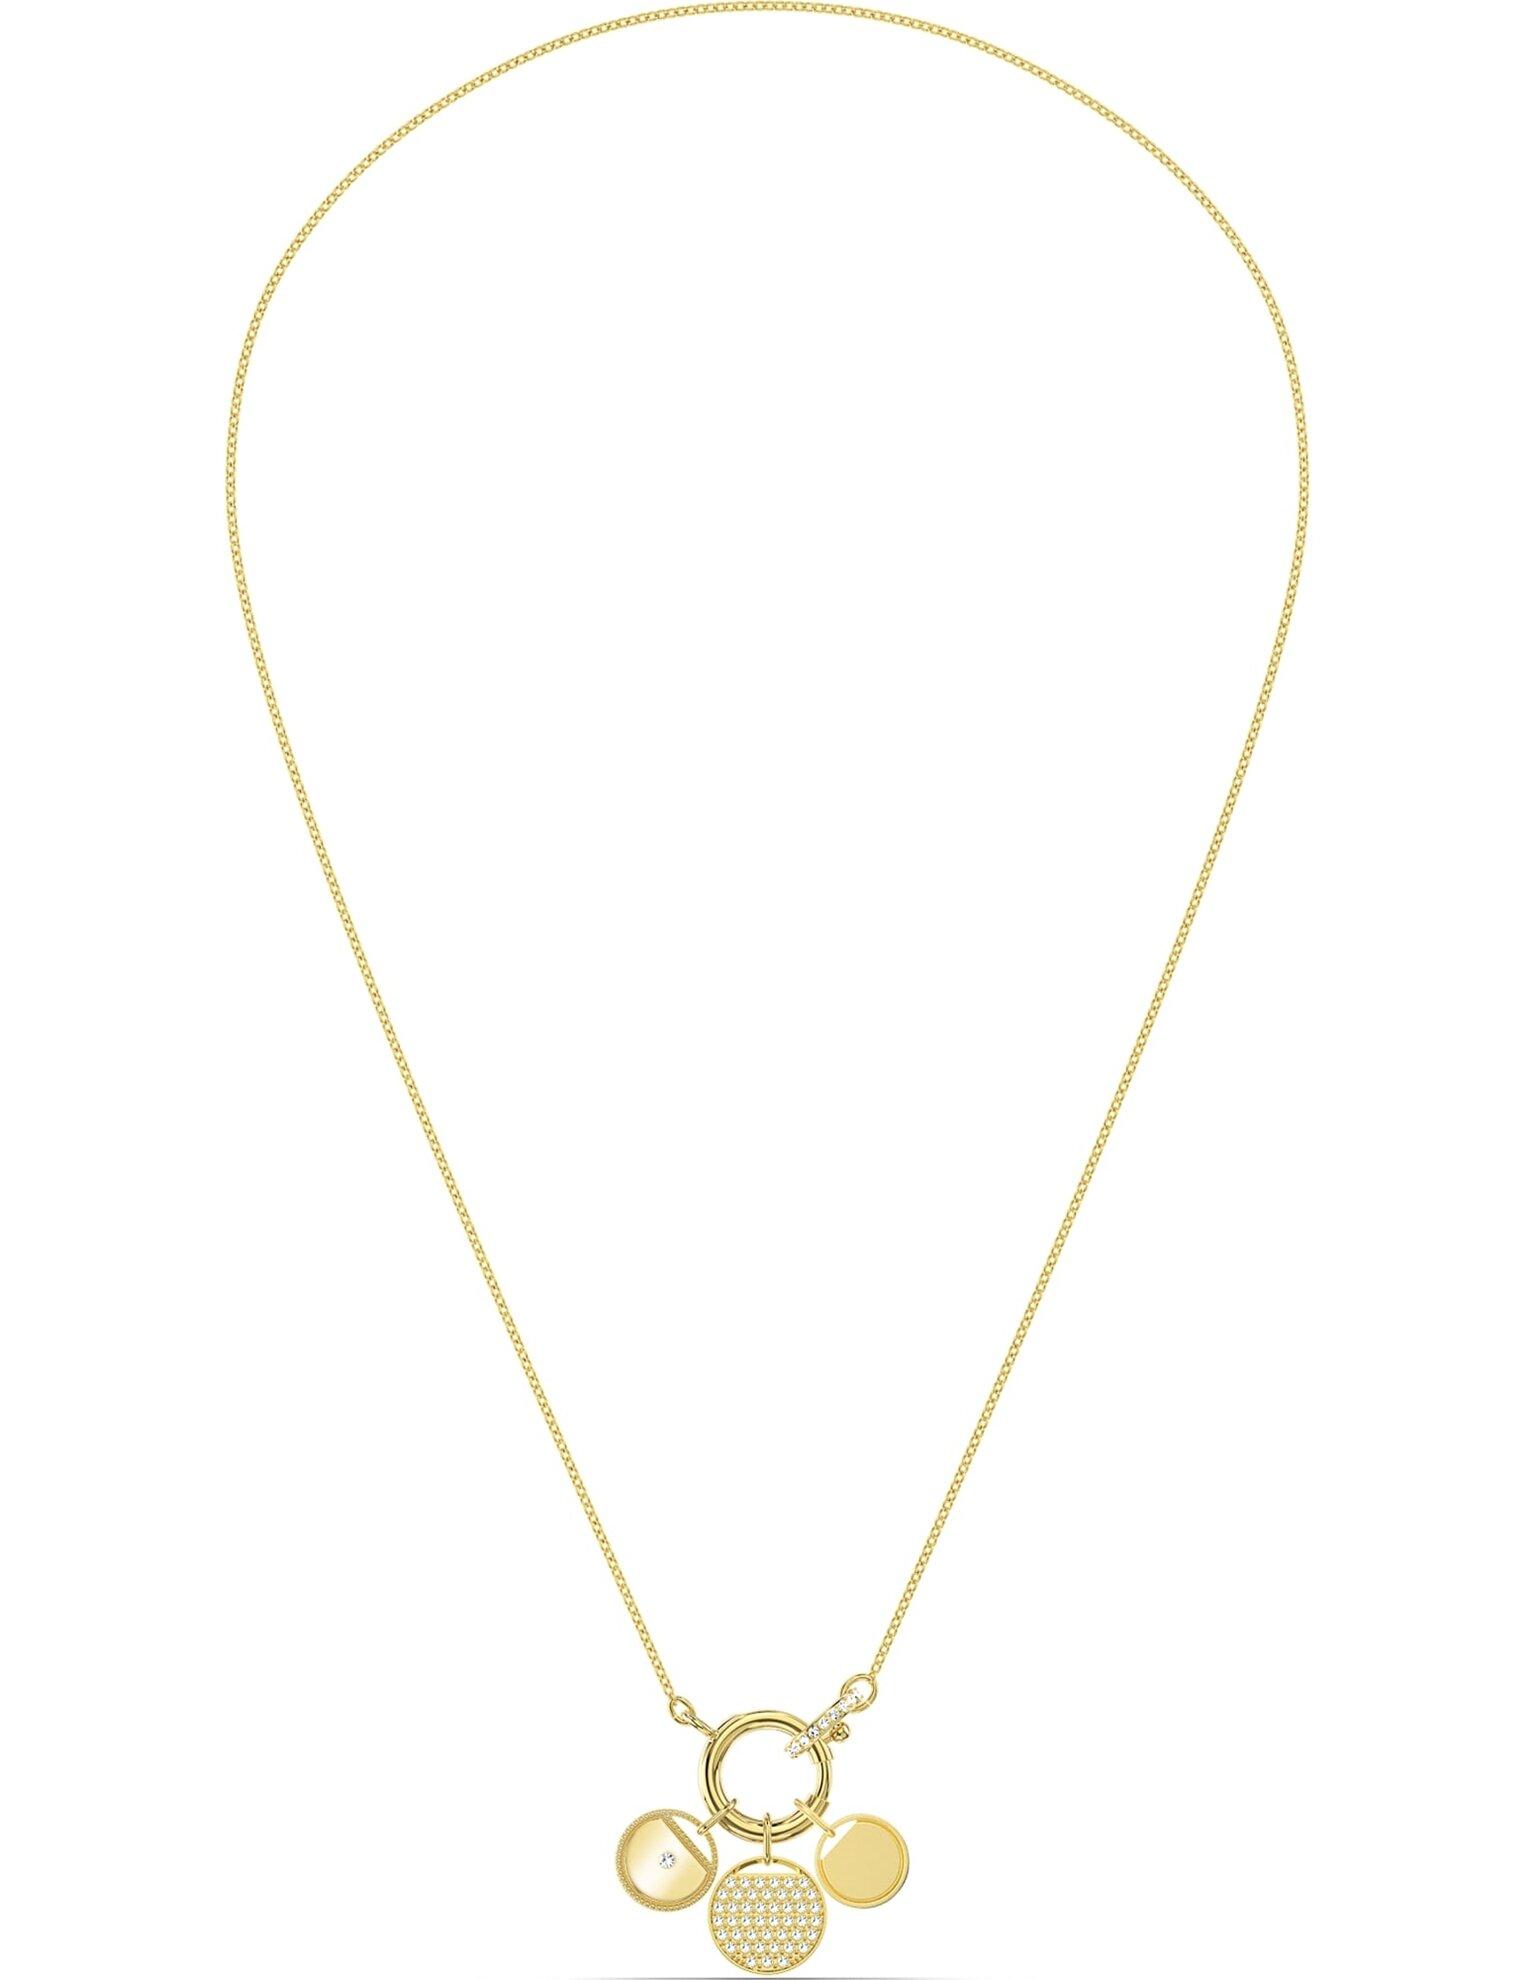 Picture of Ginger Charm Kolye, Beyaz, Altın rengi kaplama